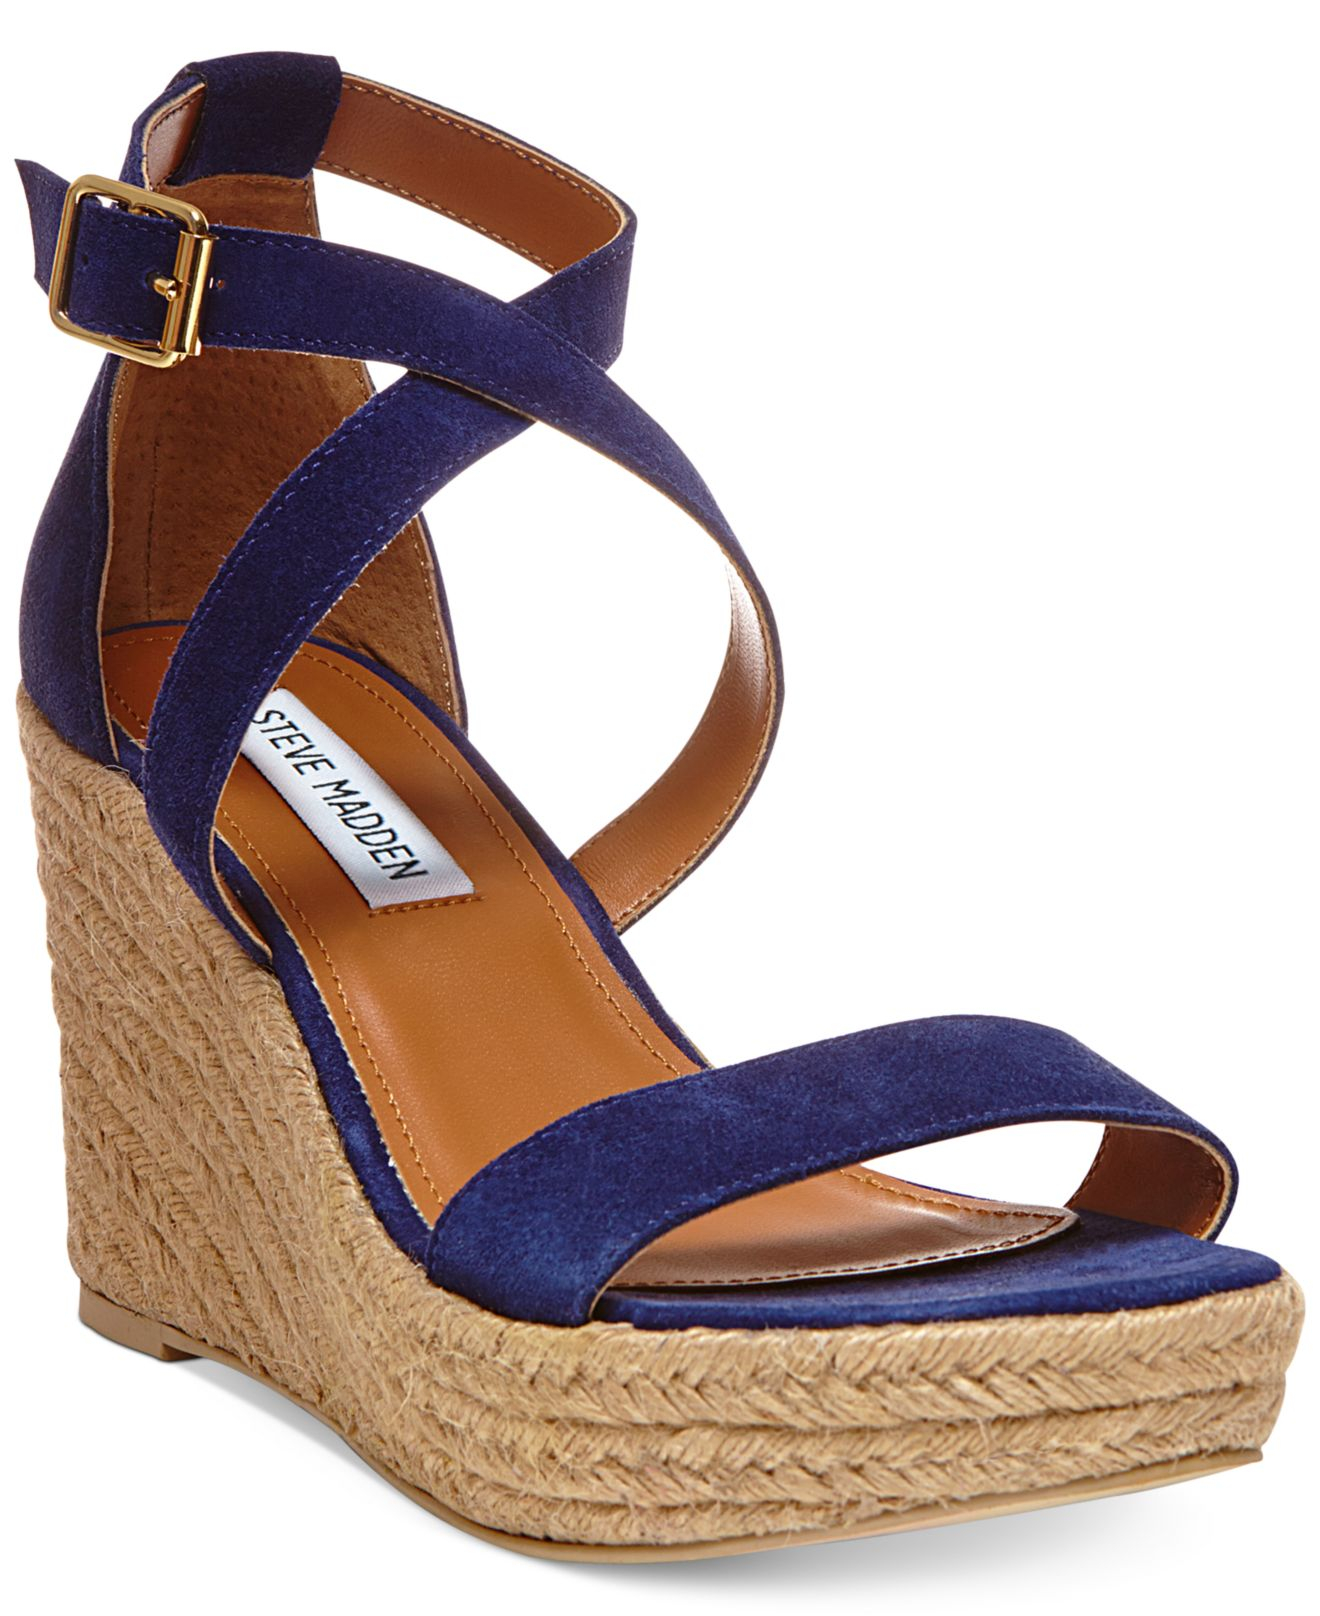 22ffd3cfc4fa8f ... Lyst Steve Madden Women S Montaukk Platform Wedge Sandals In Blue shoes  for cheap 49d1d d4b62 ...